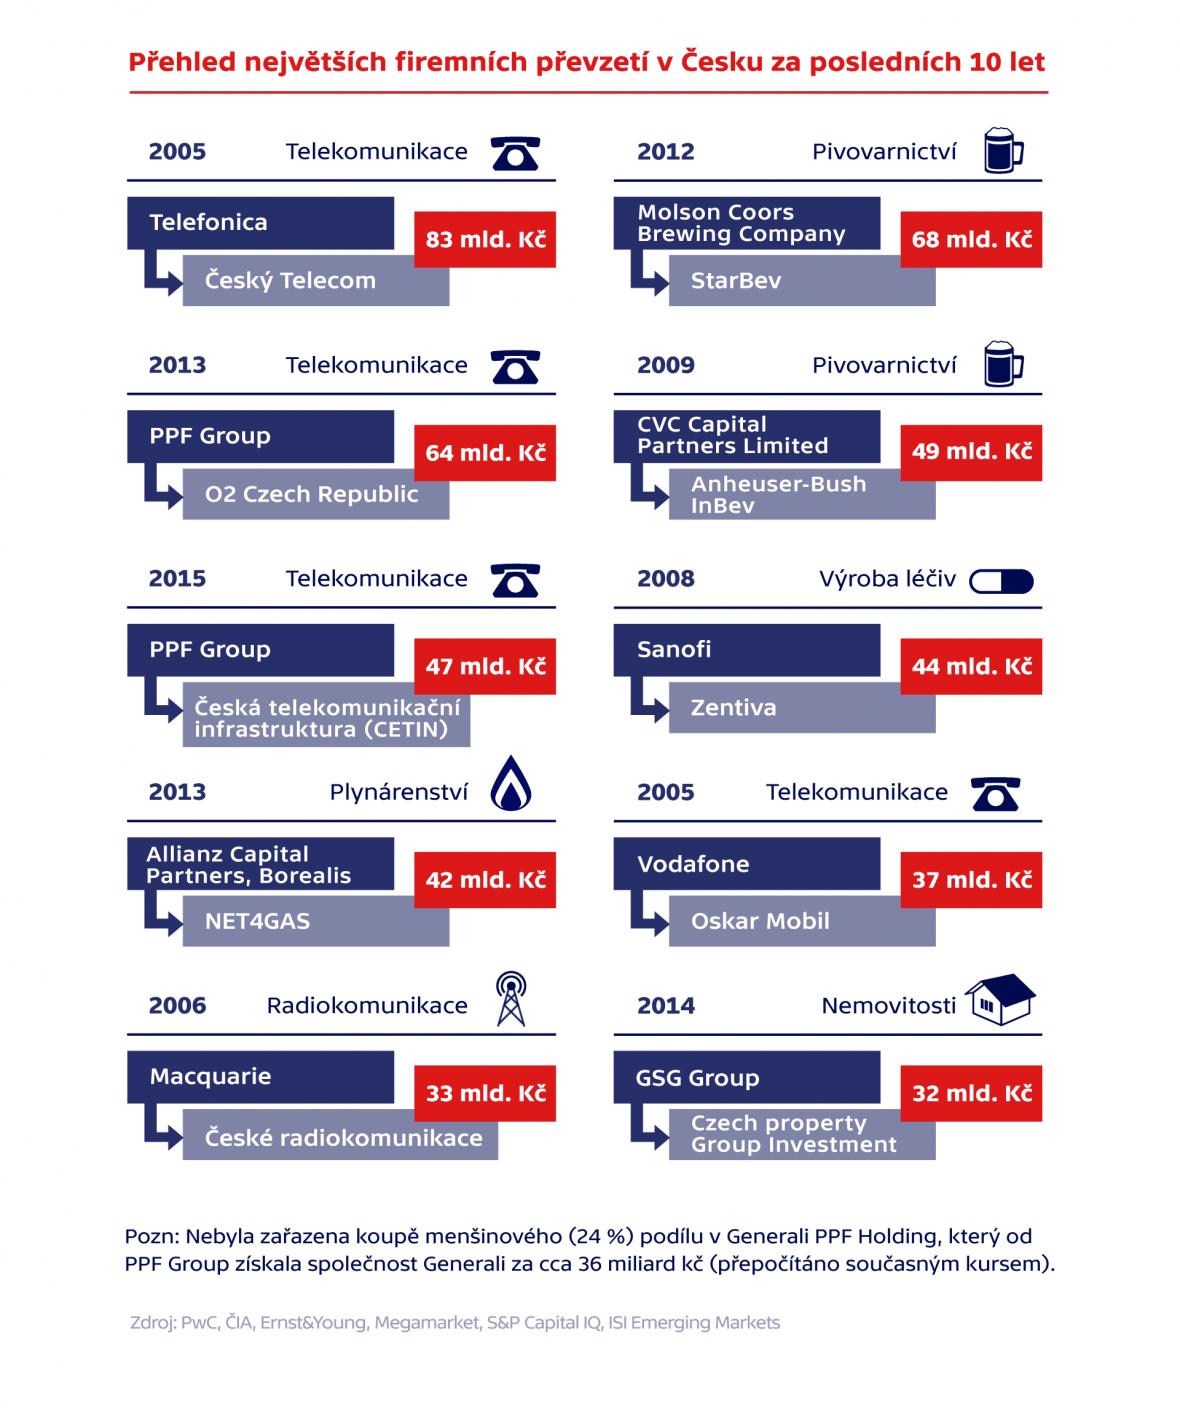 Přehled největších firemních převzetí v Česku